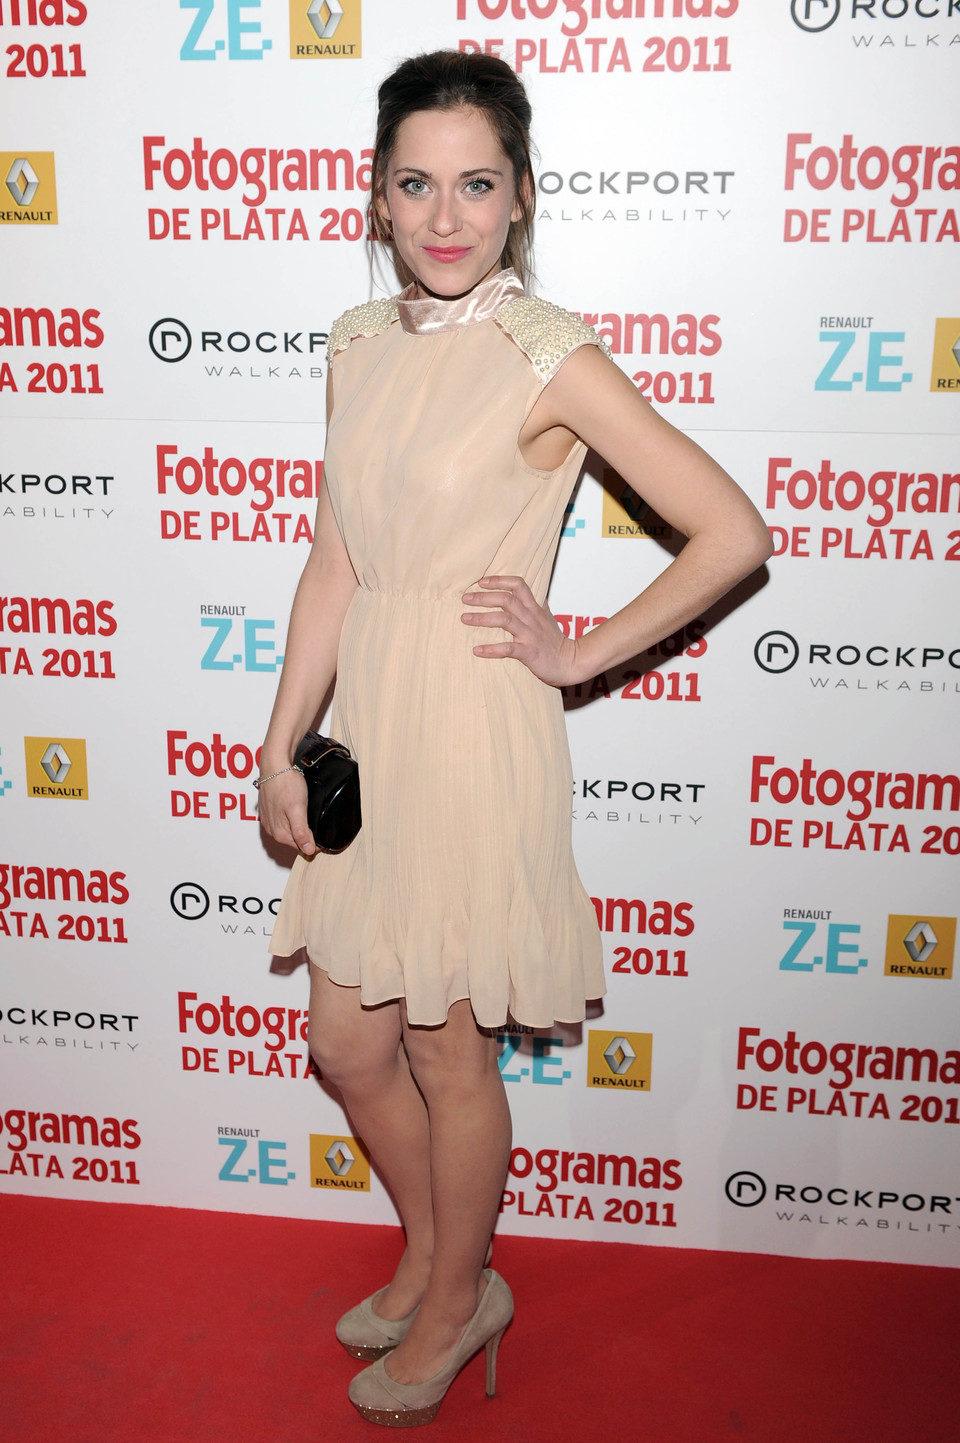 María León en los Fotogramas de Plata 2011